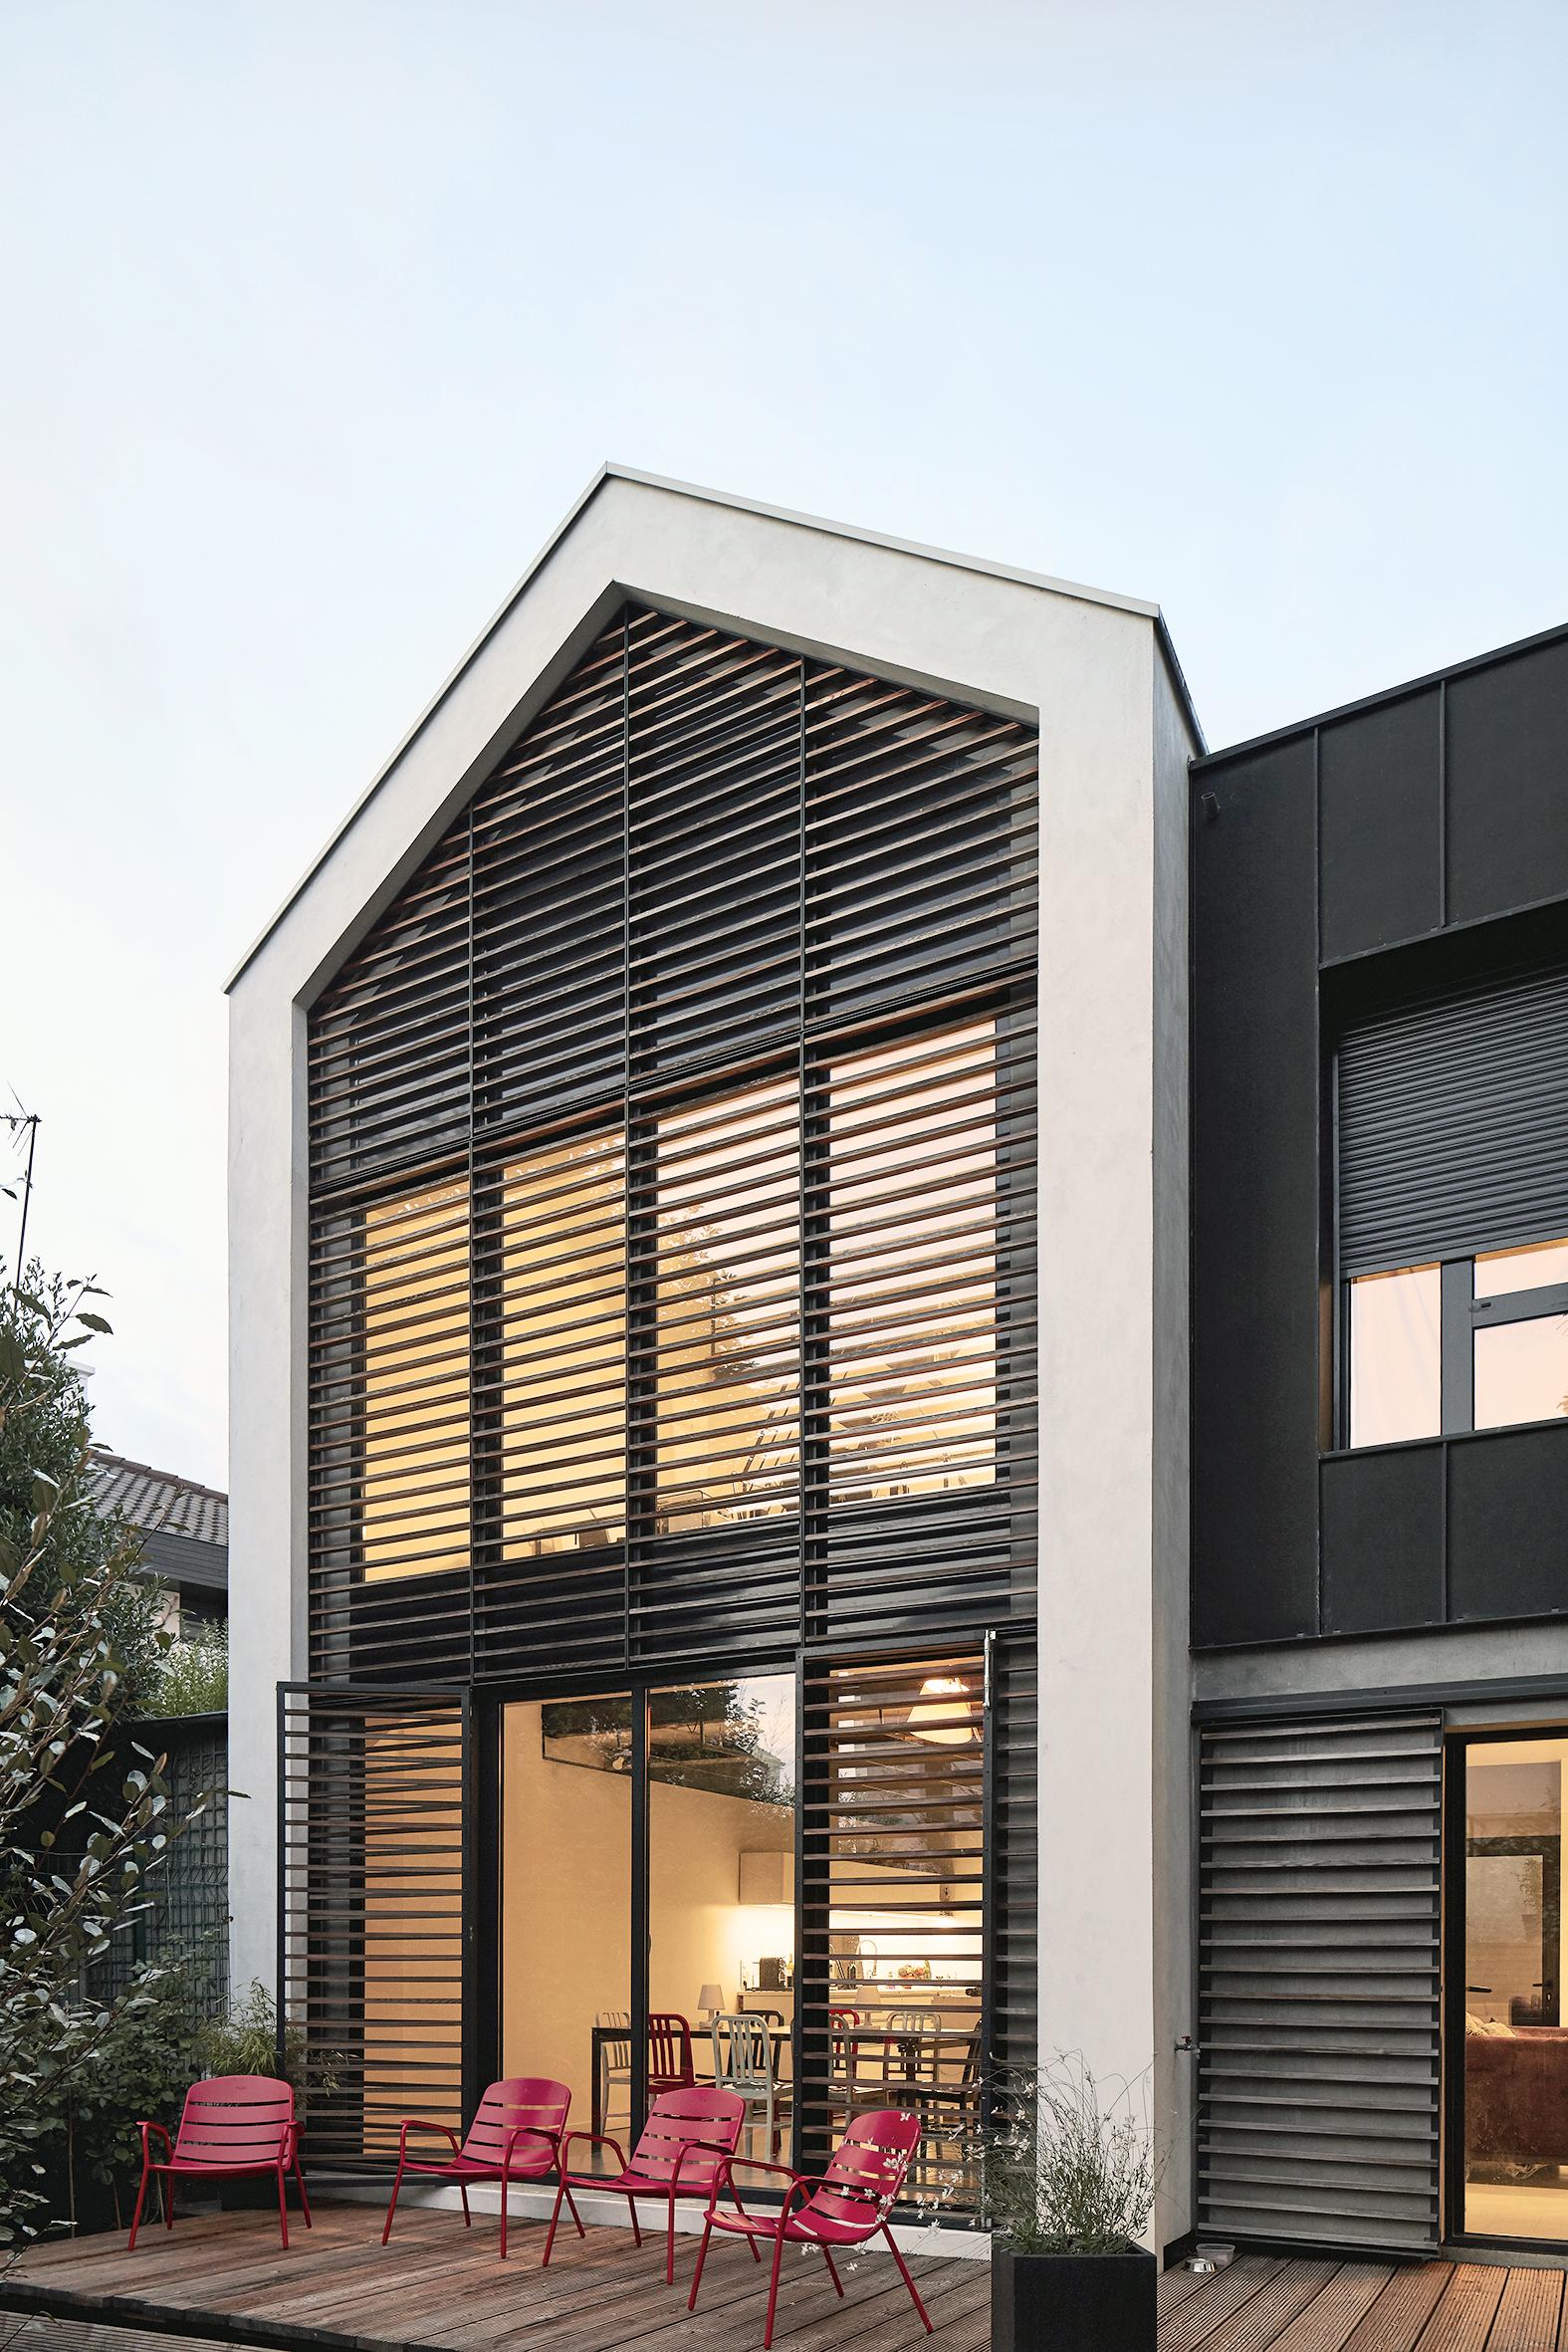 Vue de l'extension en triple hauteur avec les brises soleil en bois